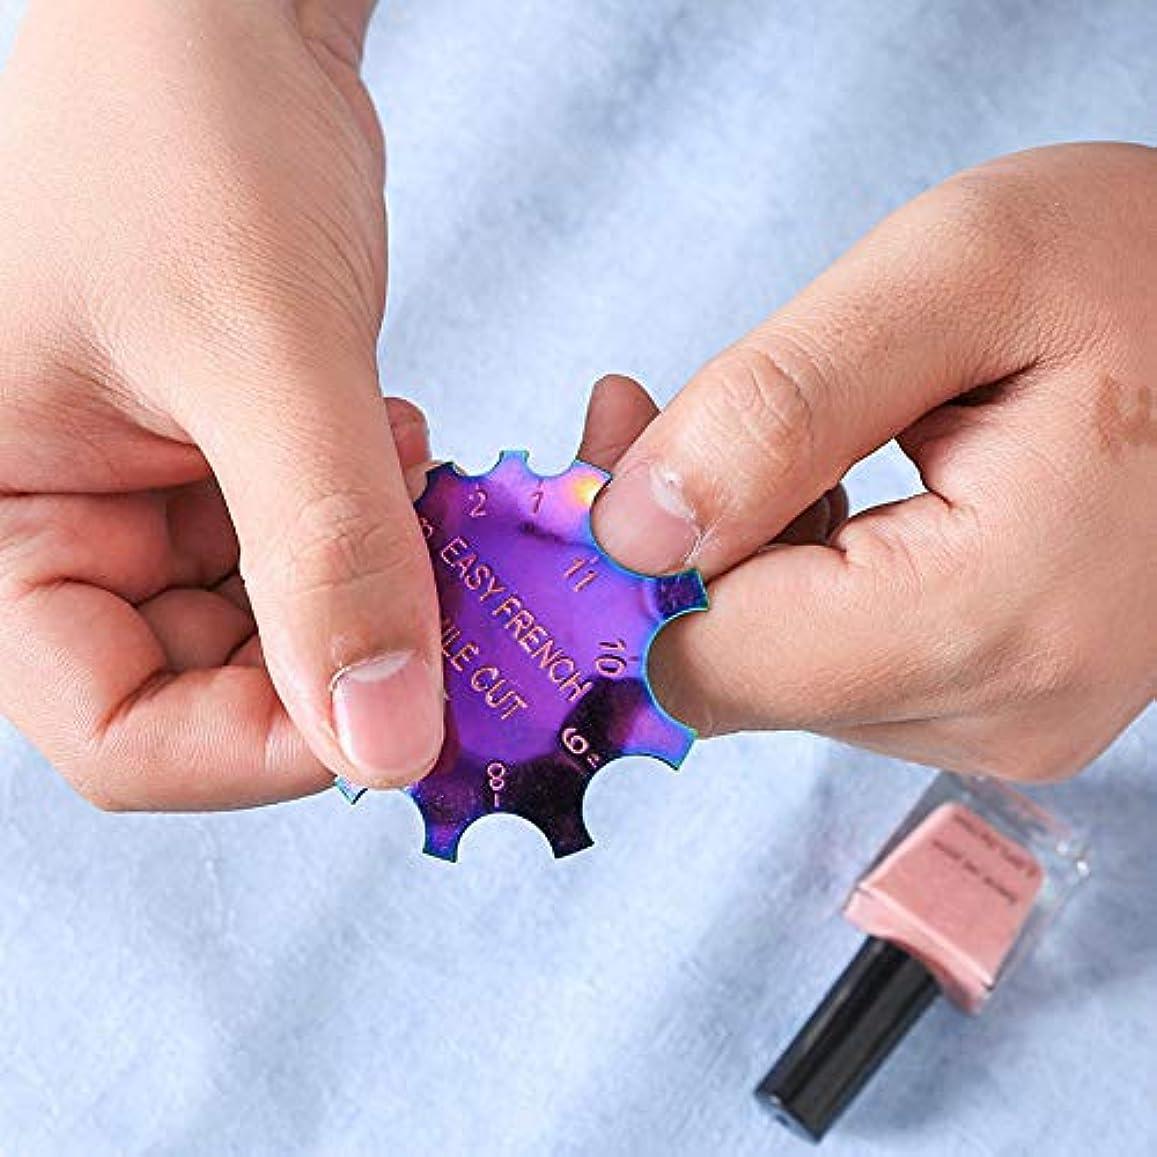 指導する誤解バッテリーSymboat 女性のための多彩なステンレス鋼の釘型のフランスの釘の版の釘用具